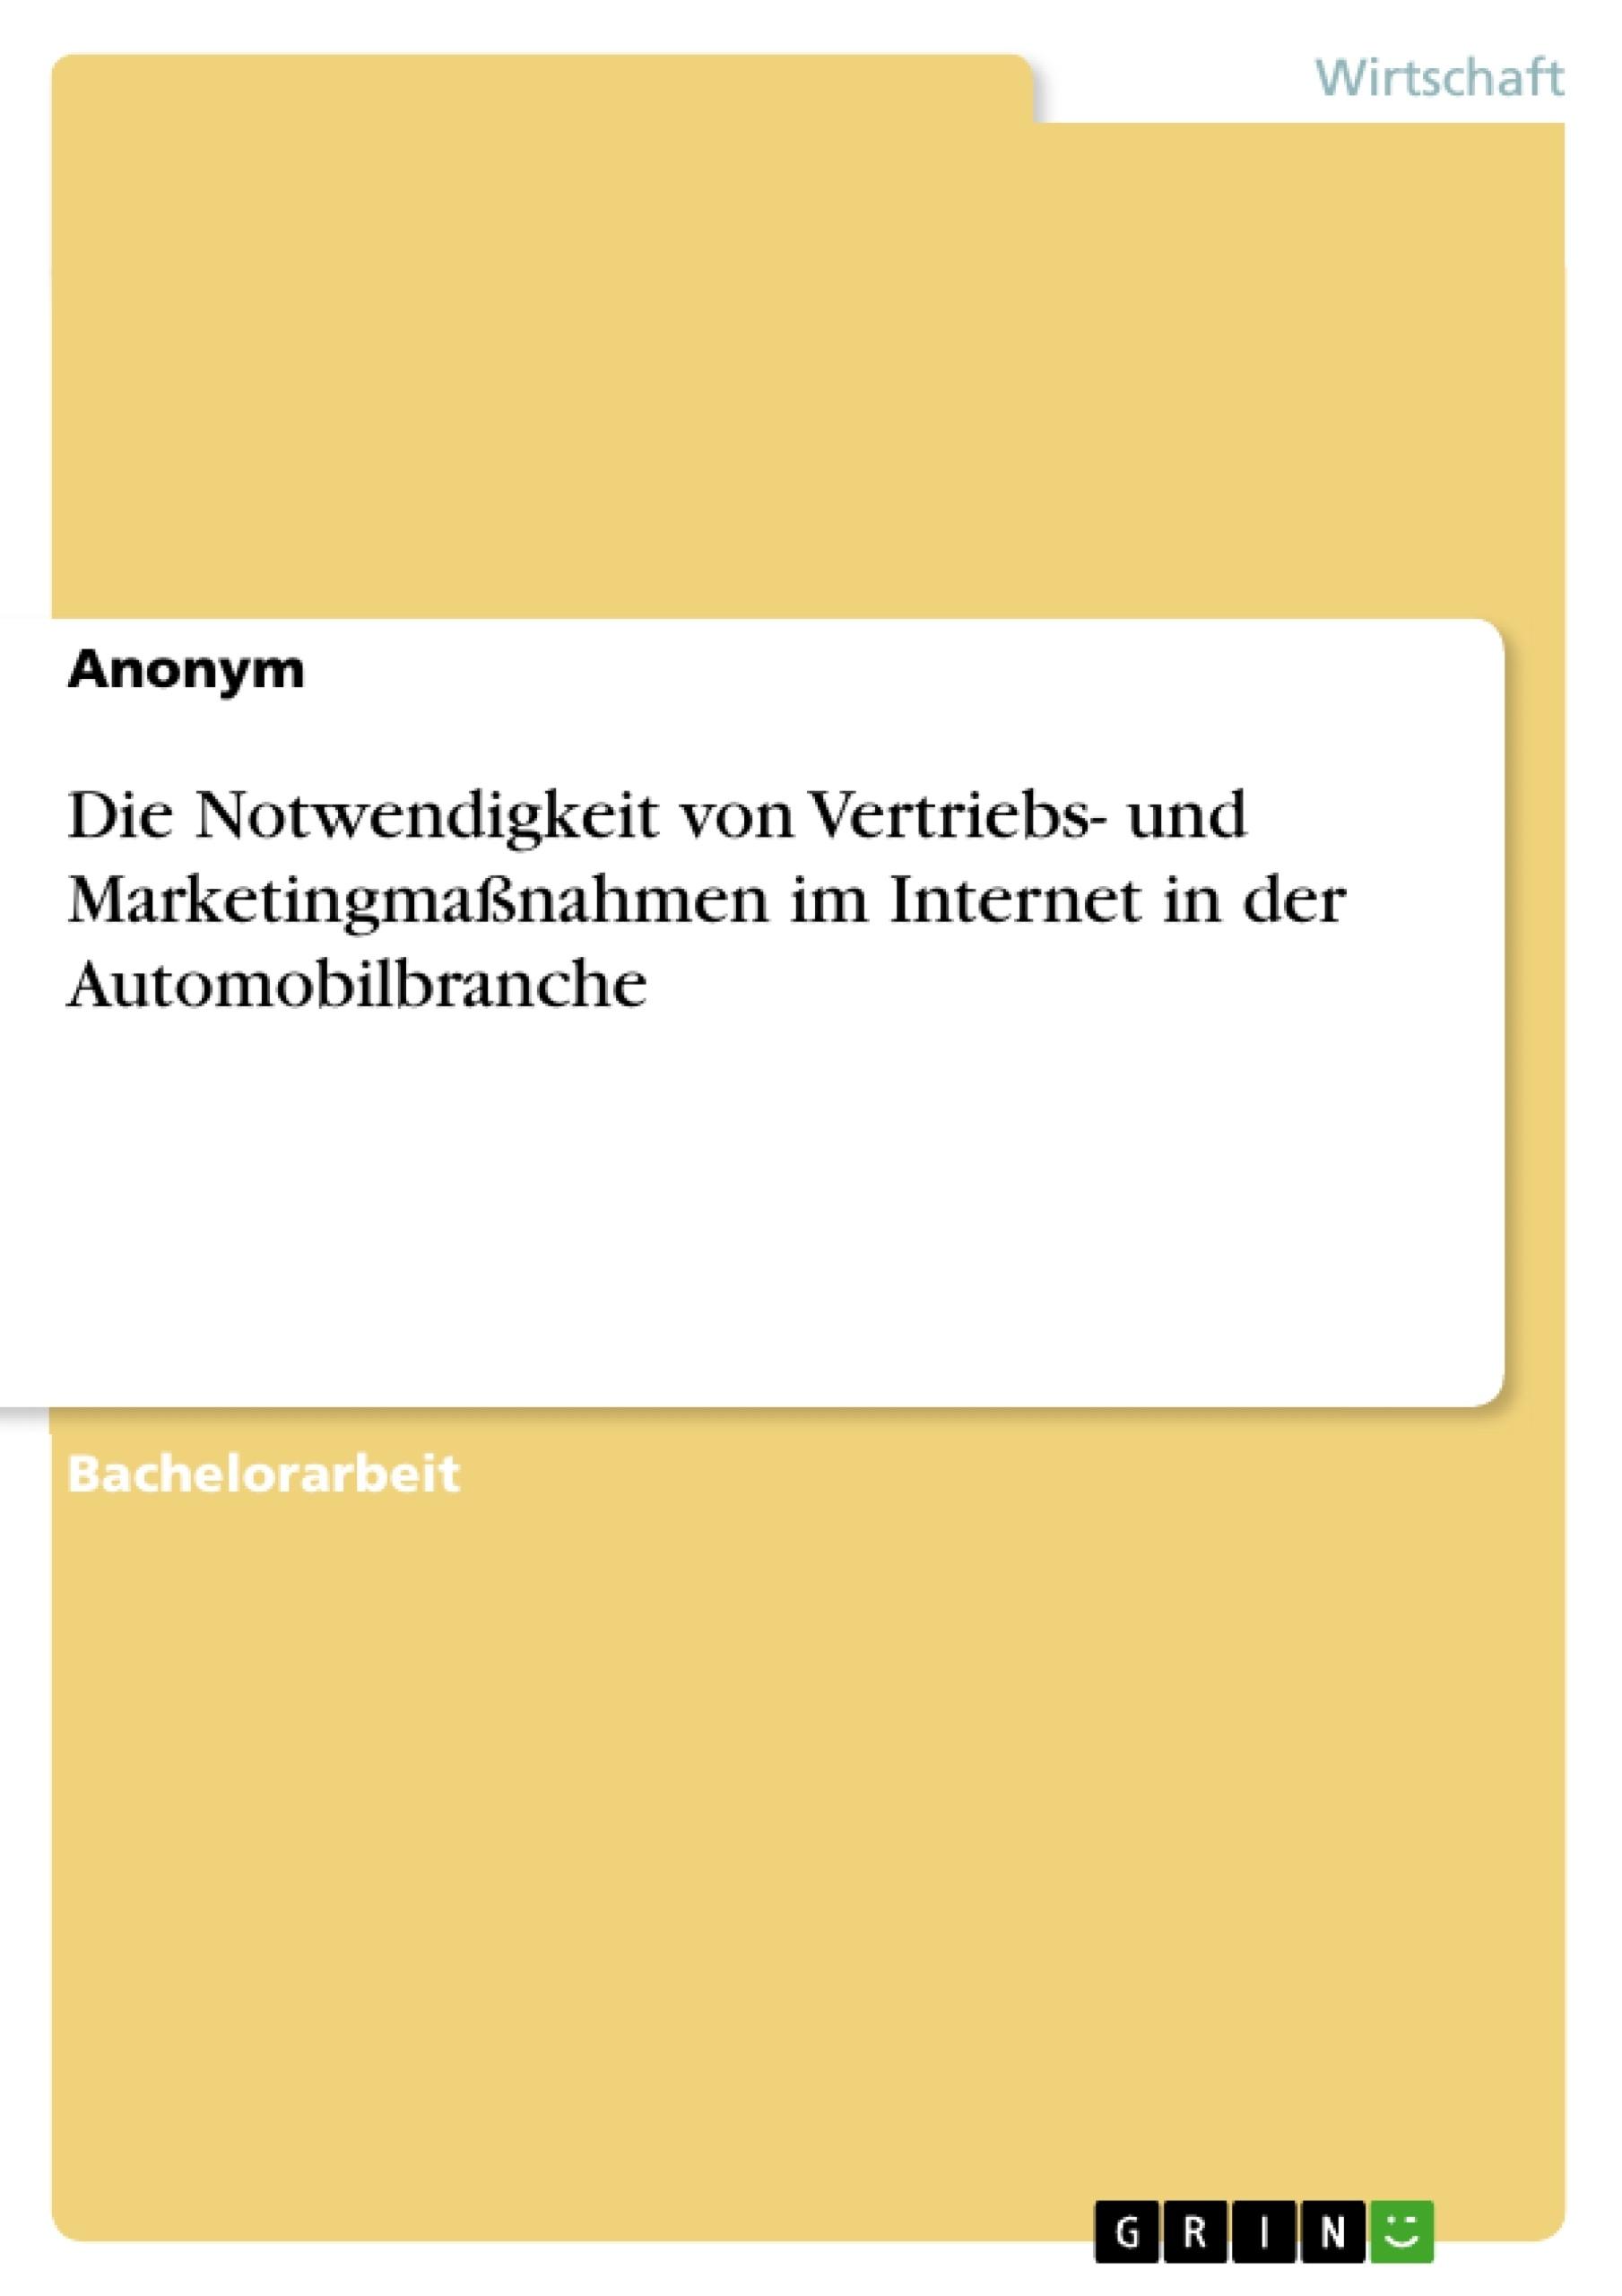 Titel: Die Notwendigkeit von Vertriebs- und Marketingmaßnahmen im Internet in der Automobilbranche